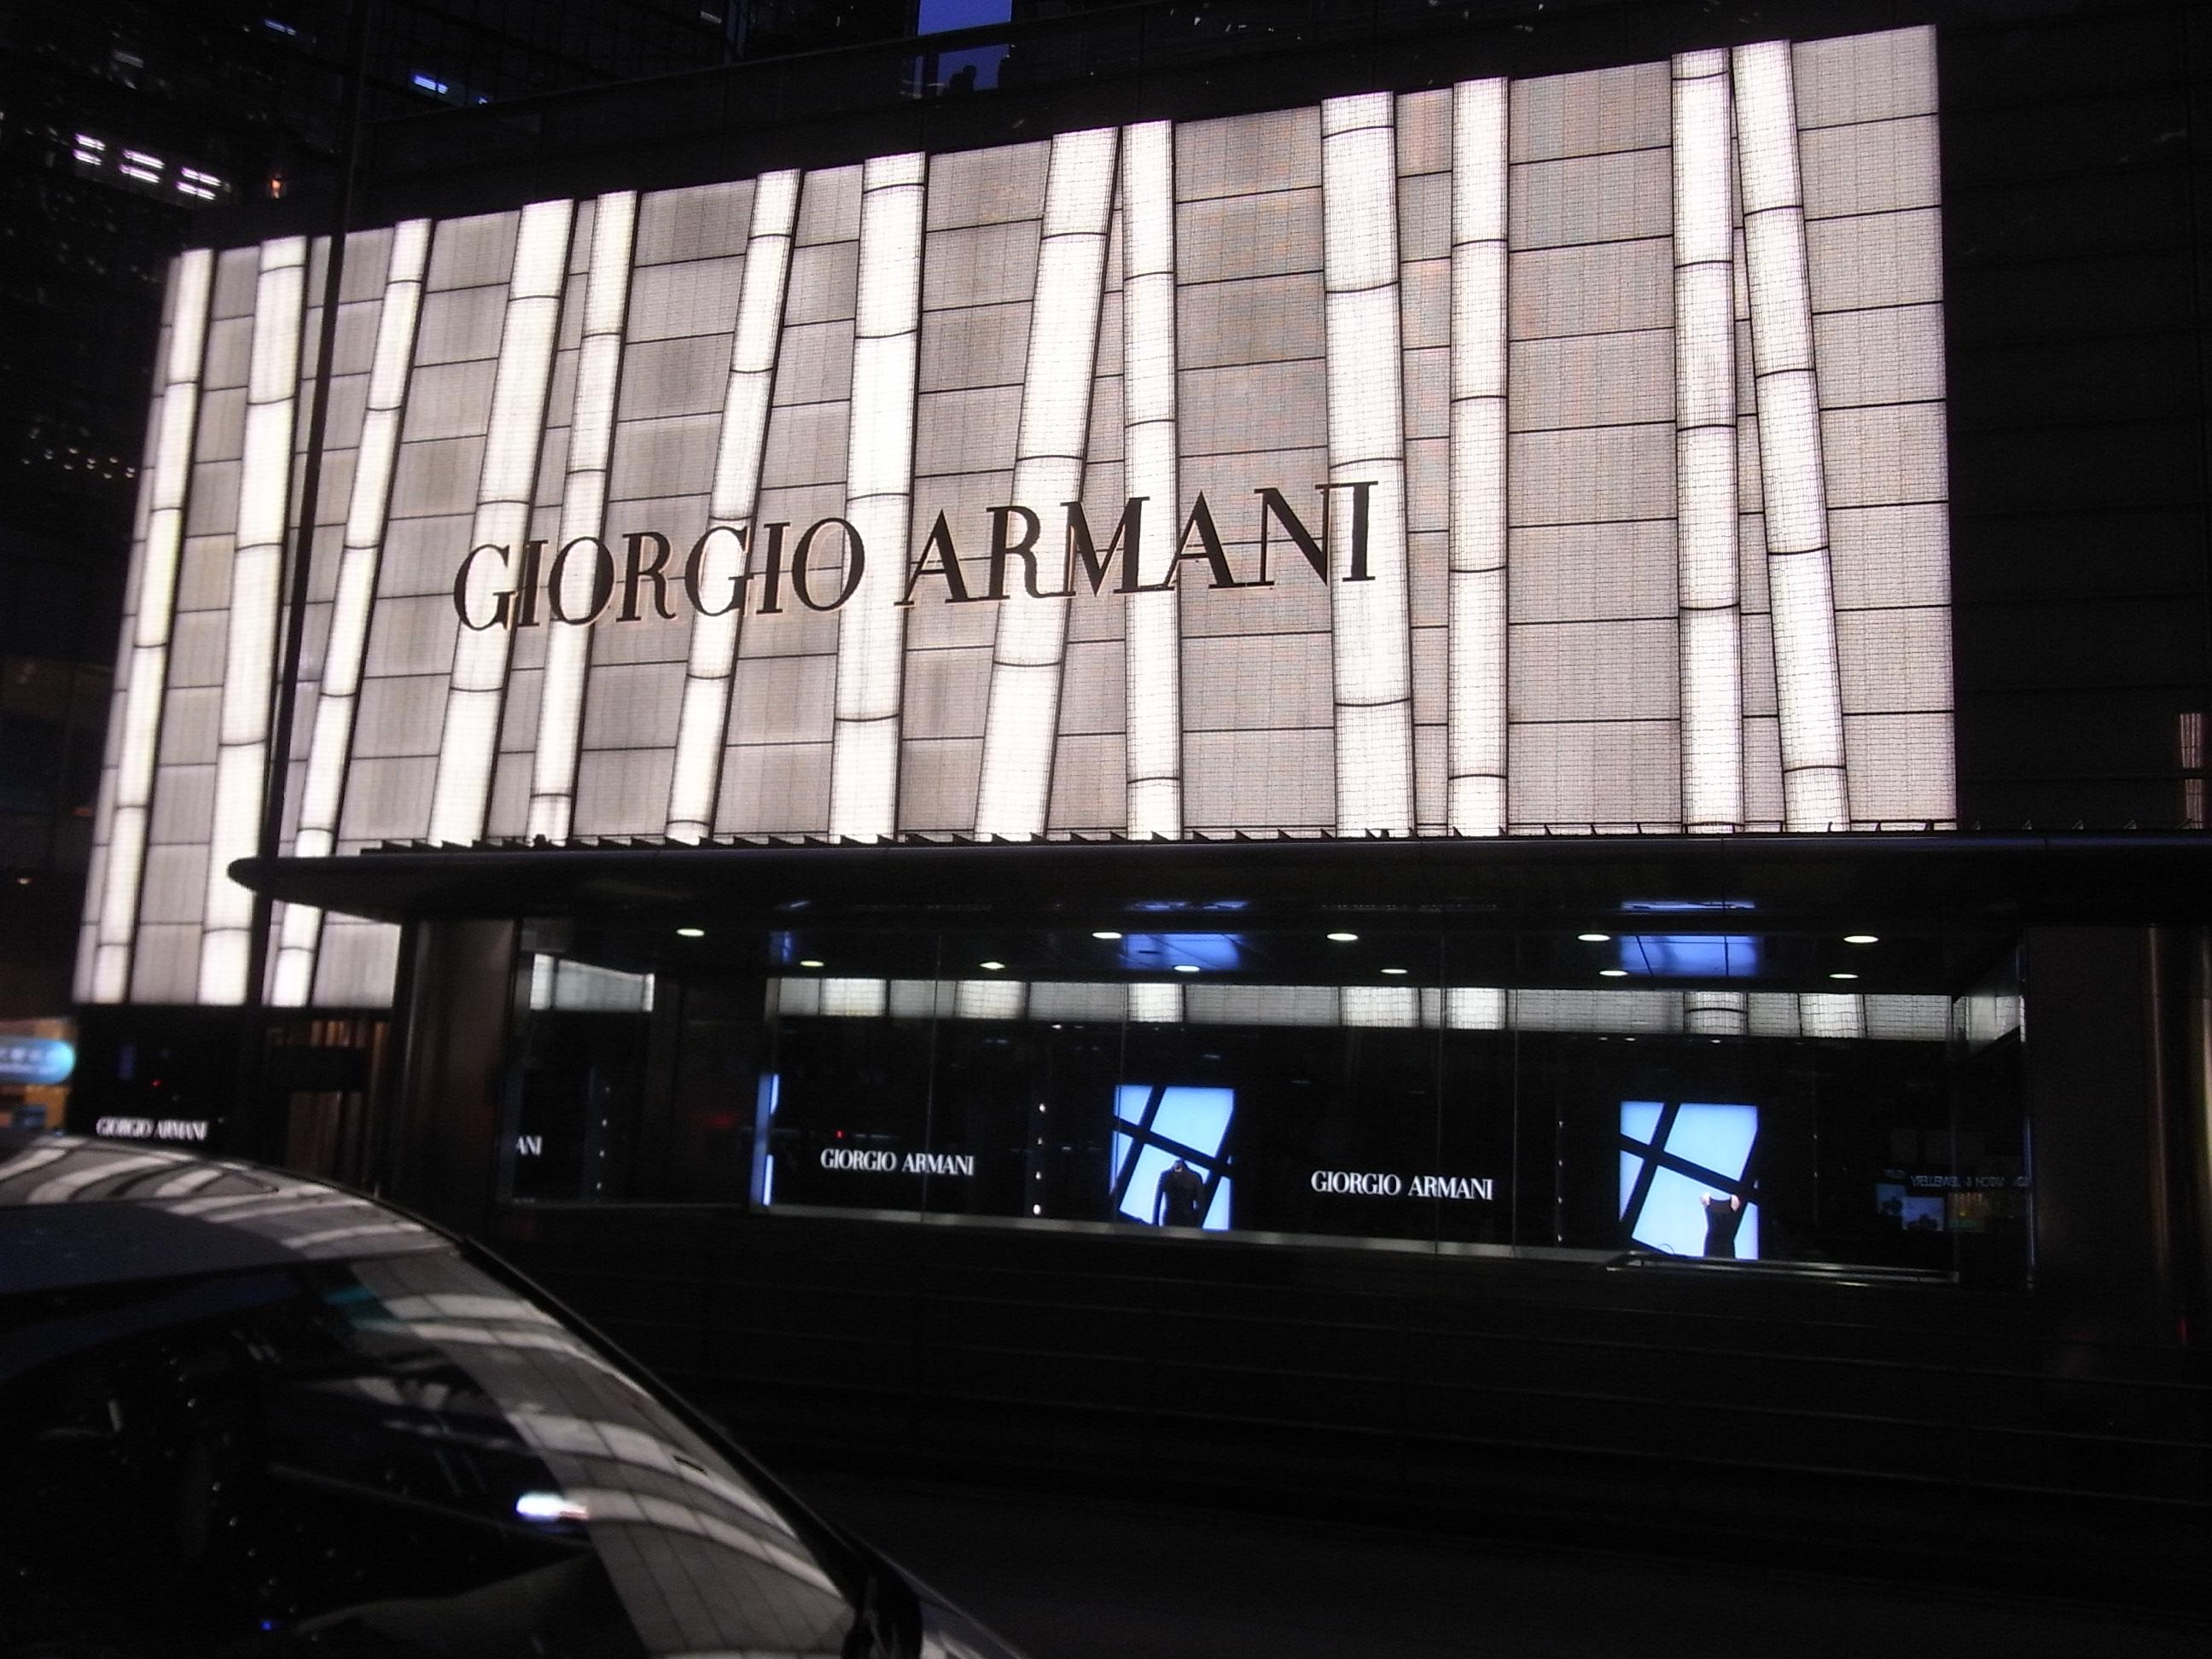 ... Central evening Chater Road Giorgio Armani light box sign Dec-2012.JPG Giorgio Armani